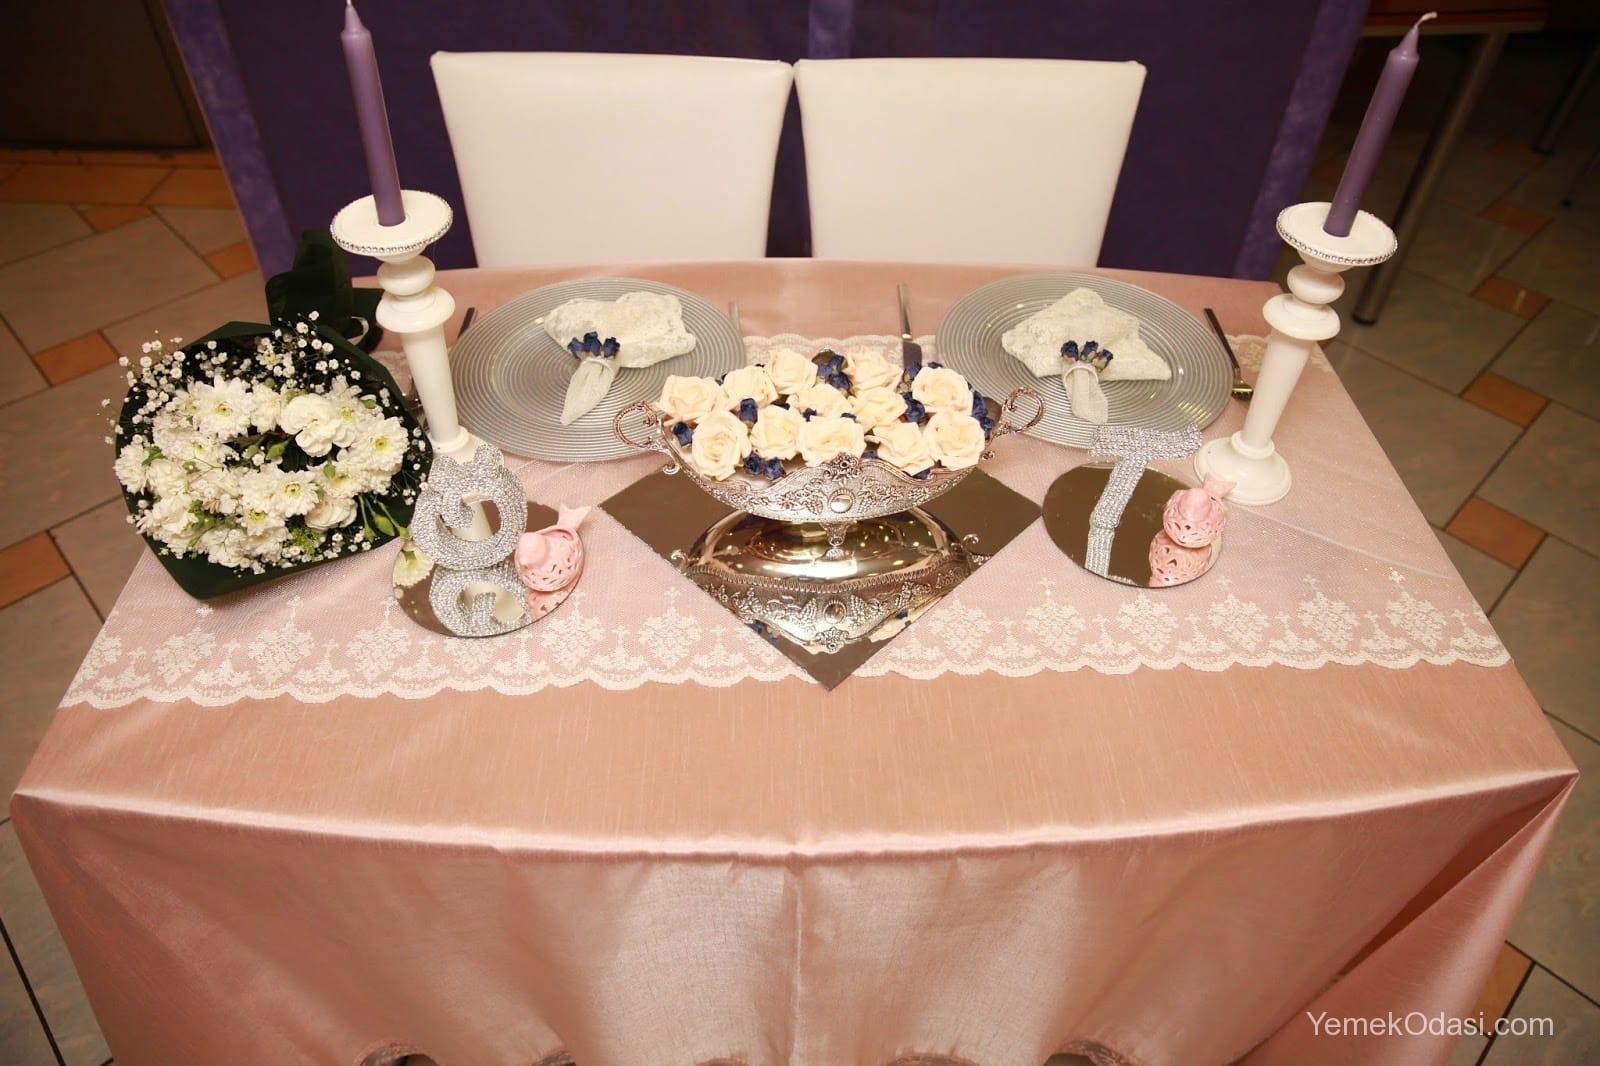 Kartondan Yemek Masası Süslemesi Yapımı